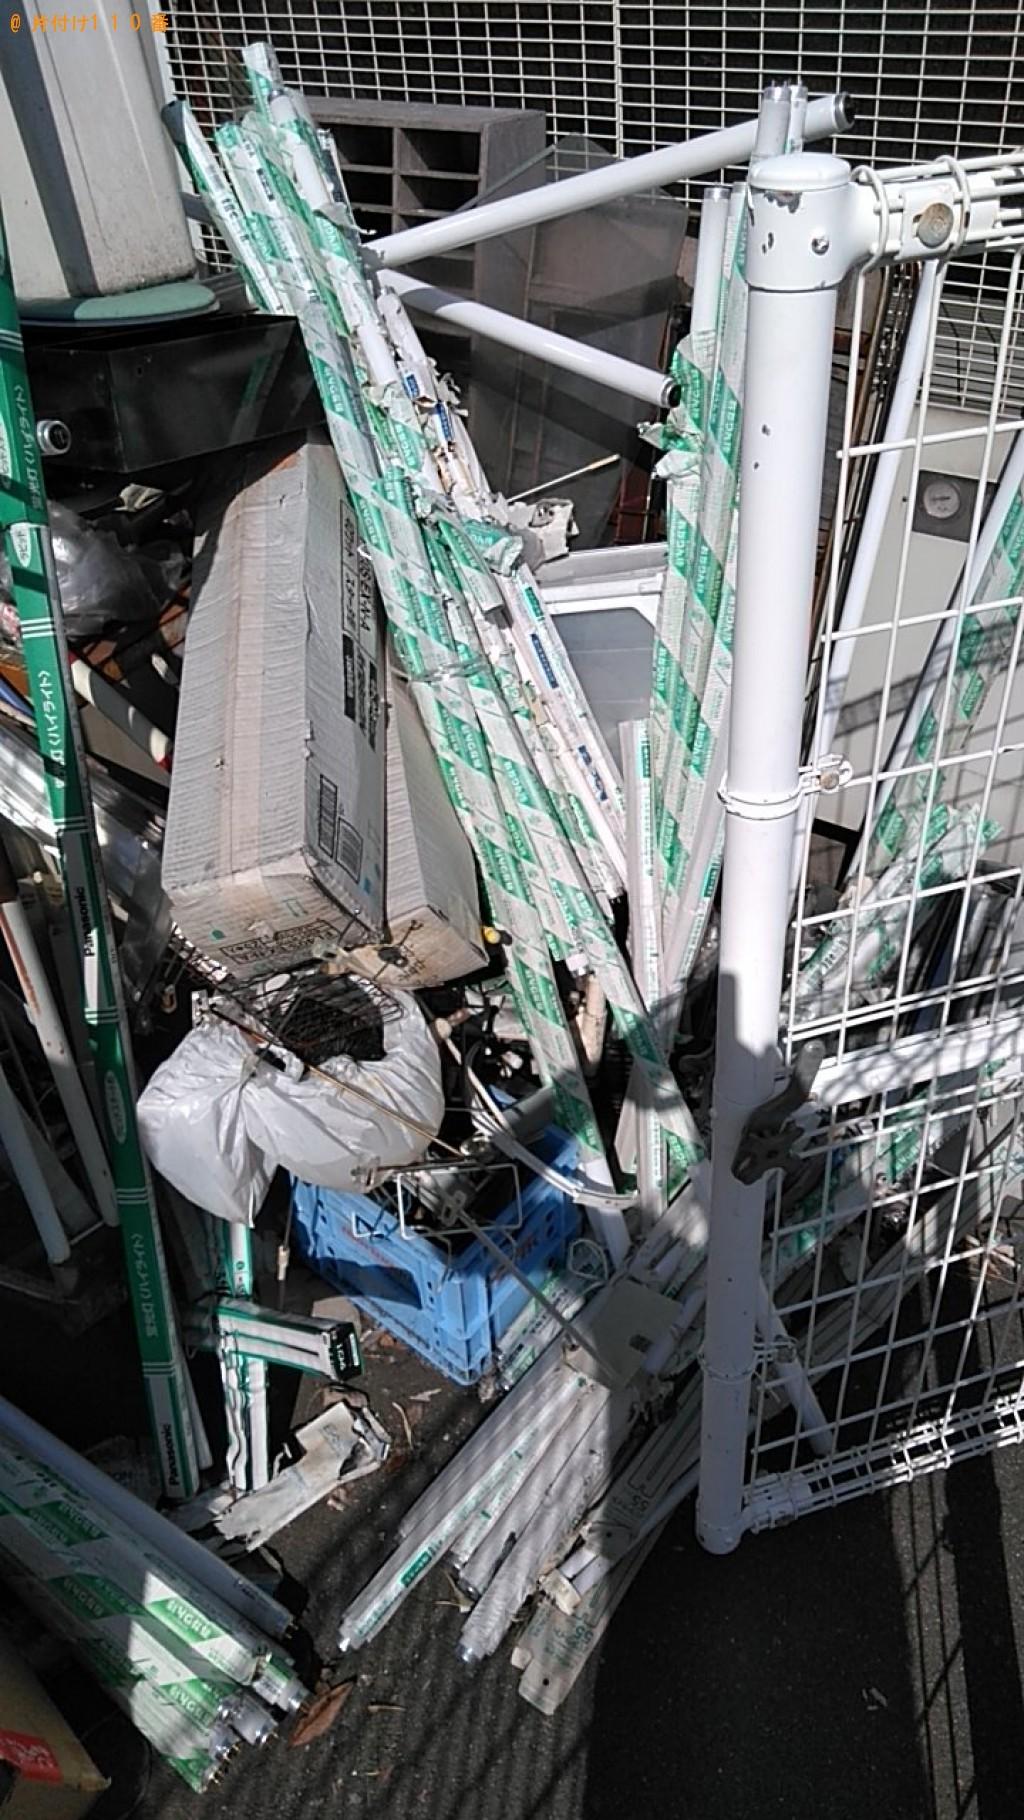 【伊予郡松前町】店舗にある什器の回収・処分ご依頼 お客様の声